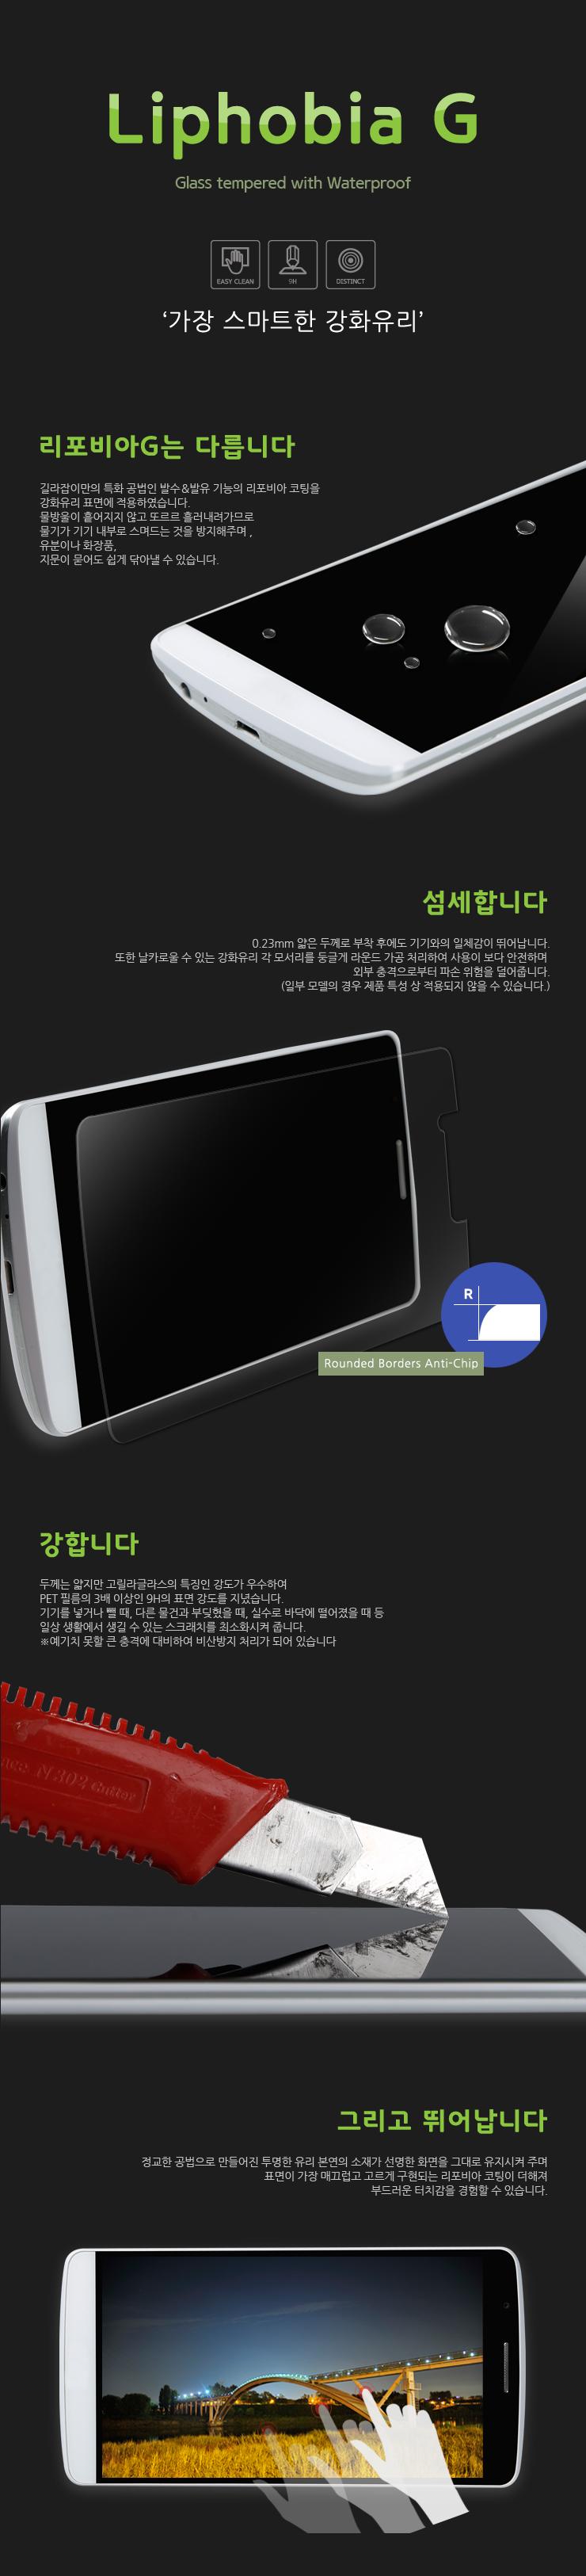 캐논 EOS 200D II 리포비아G 강화유리 - 길라잡이, 10,600원, 카메라 액세서리, 카메라 보호필름/스킨